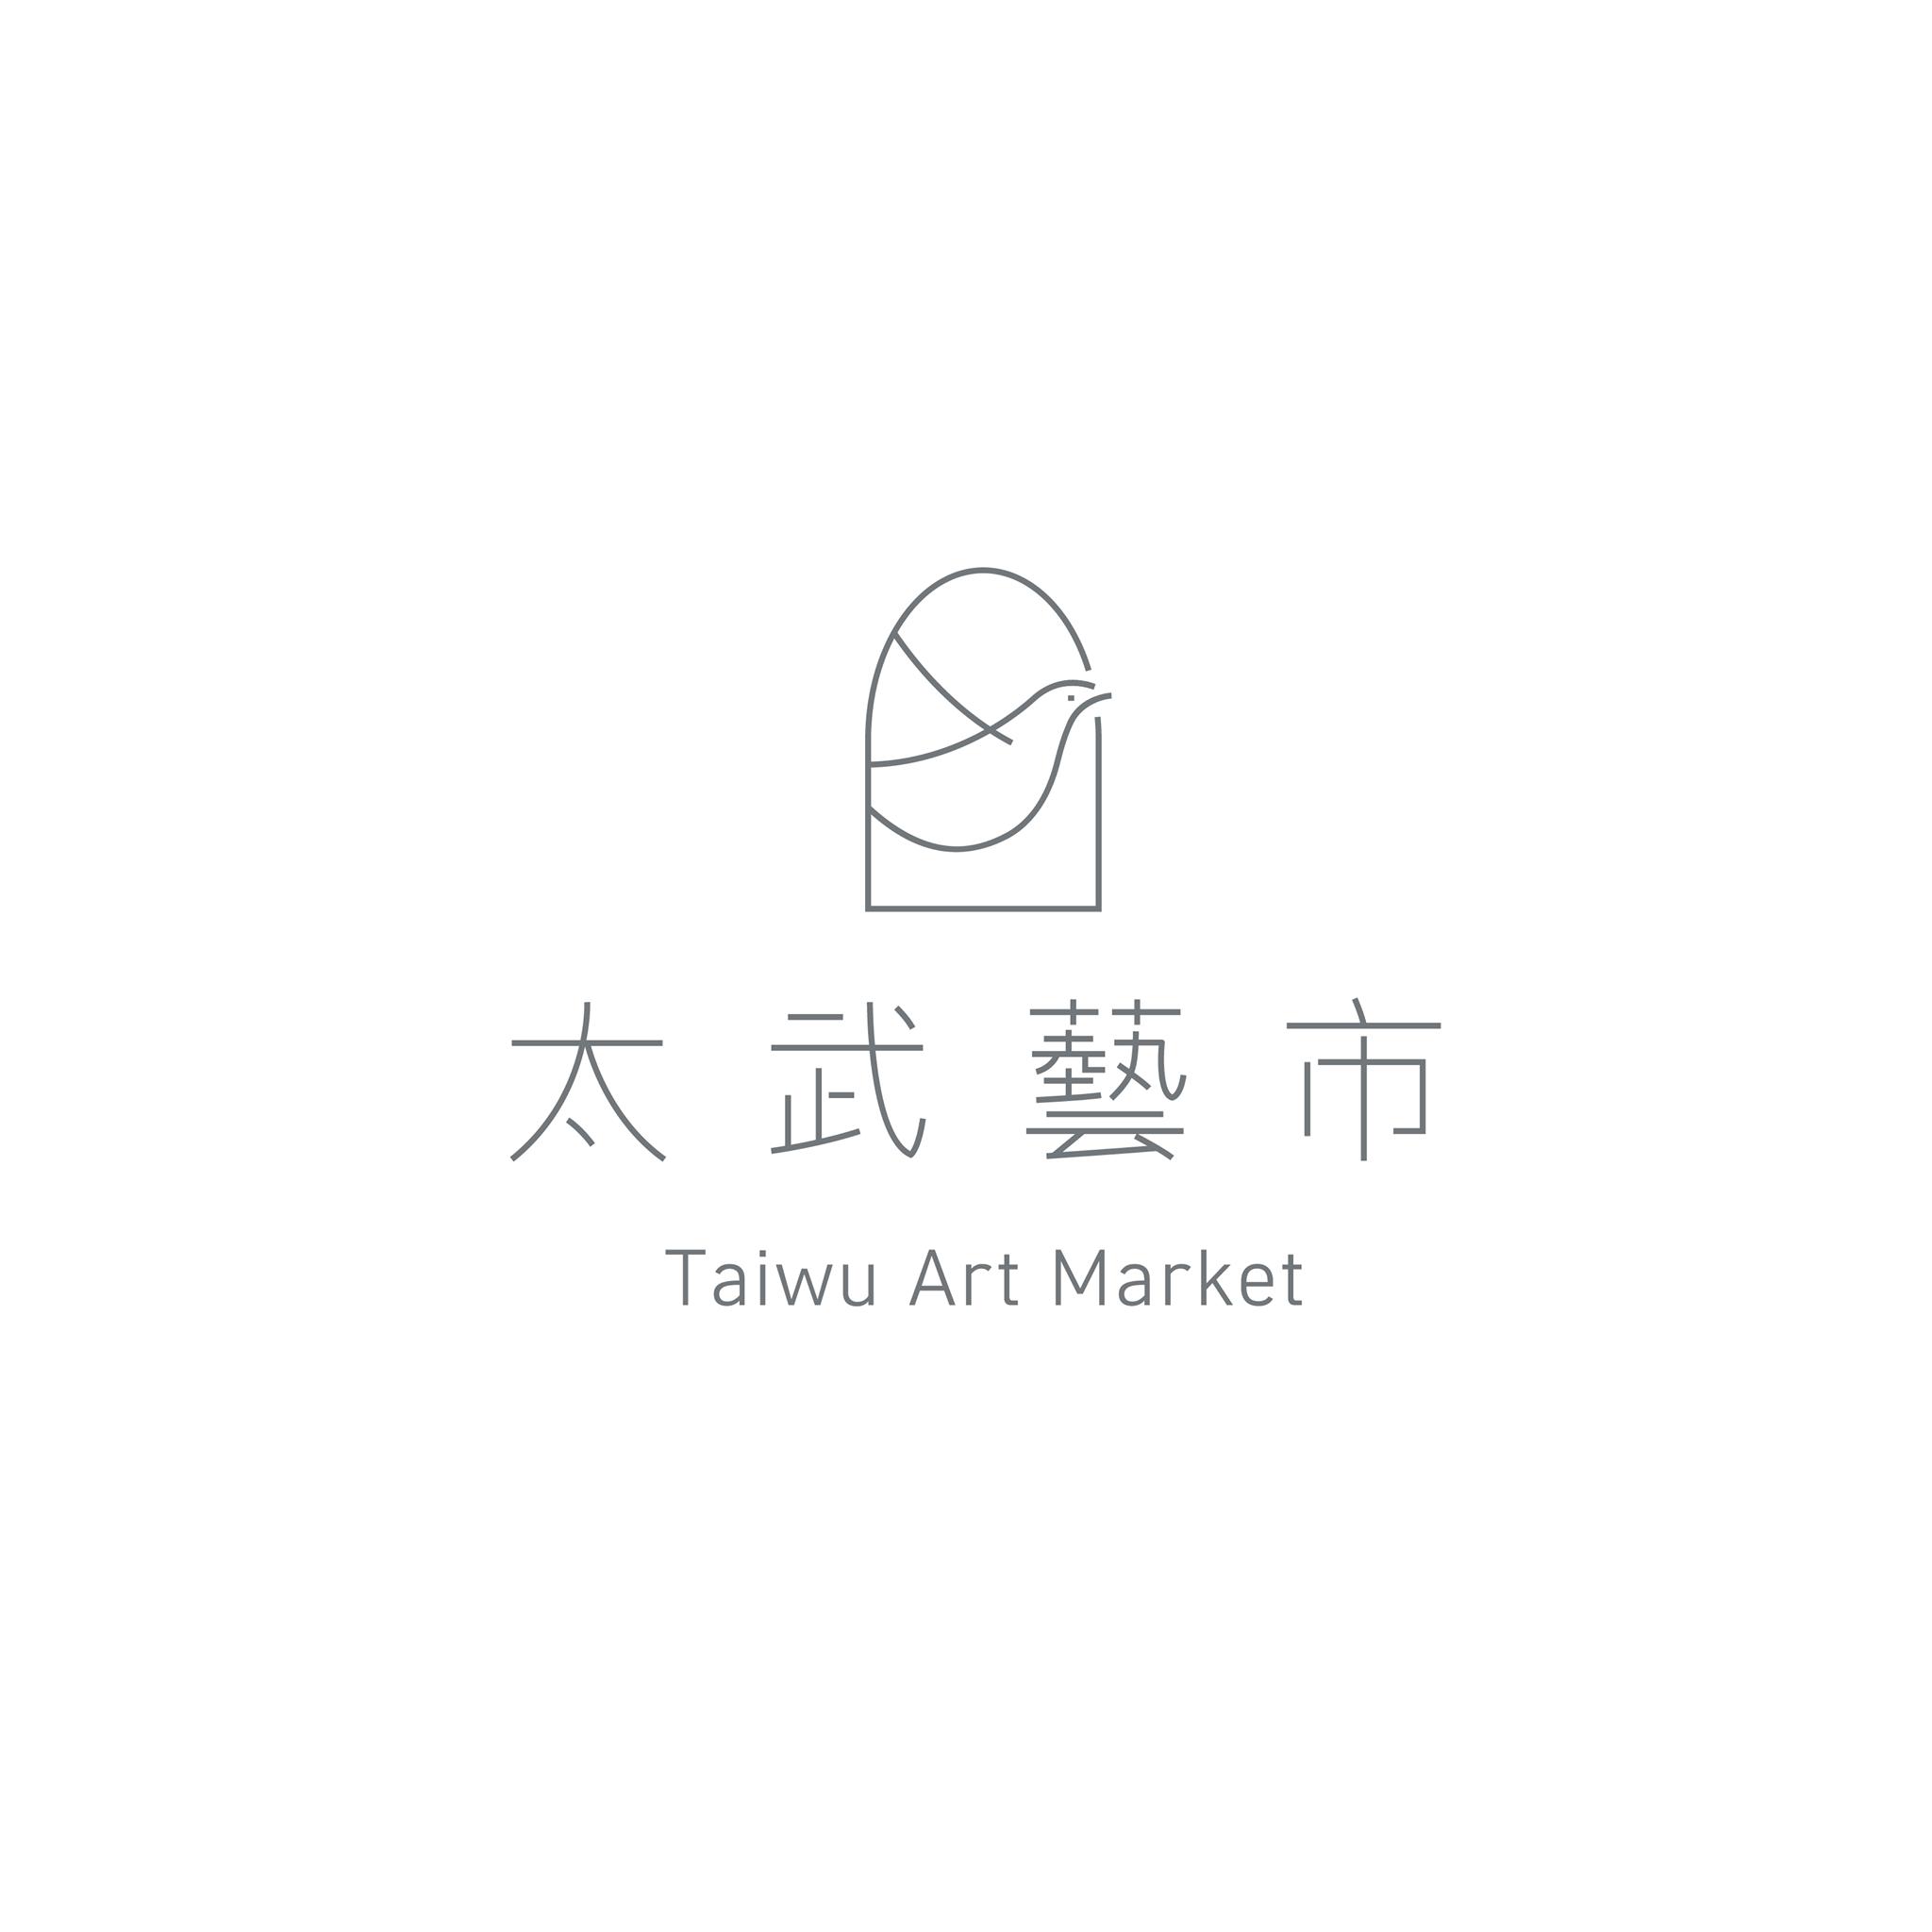 太武藝市|市集品牌招募中